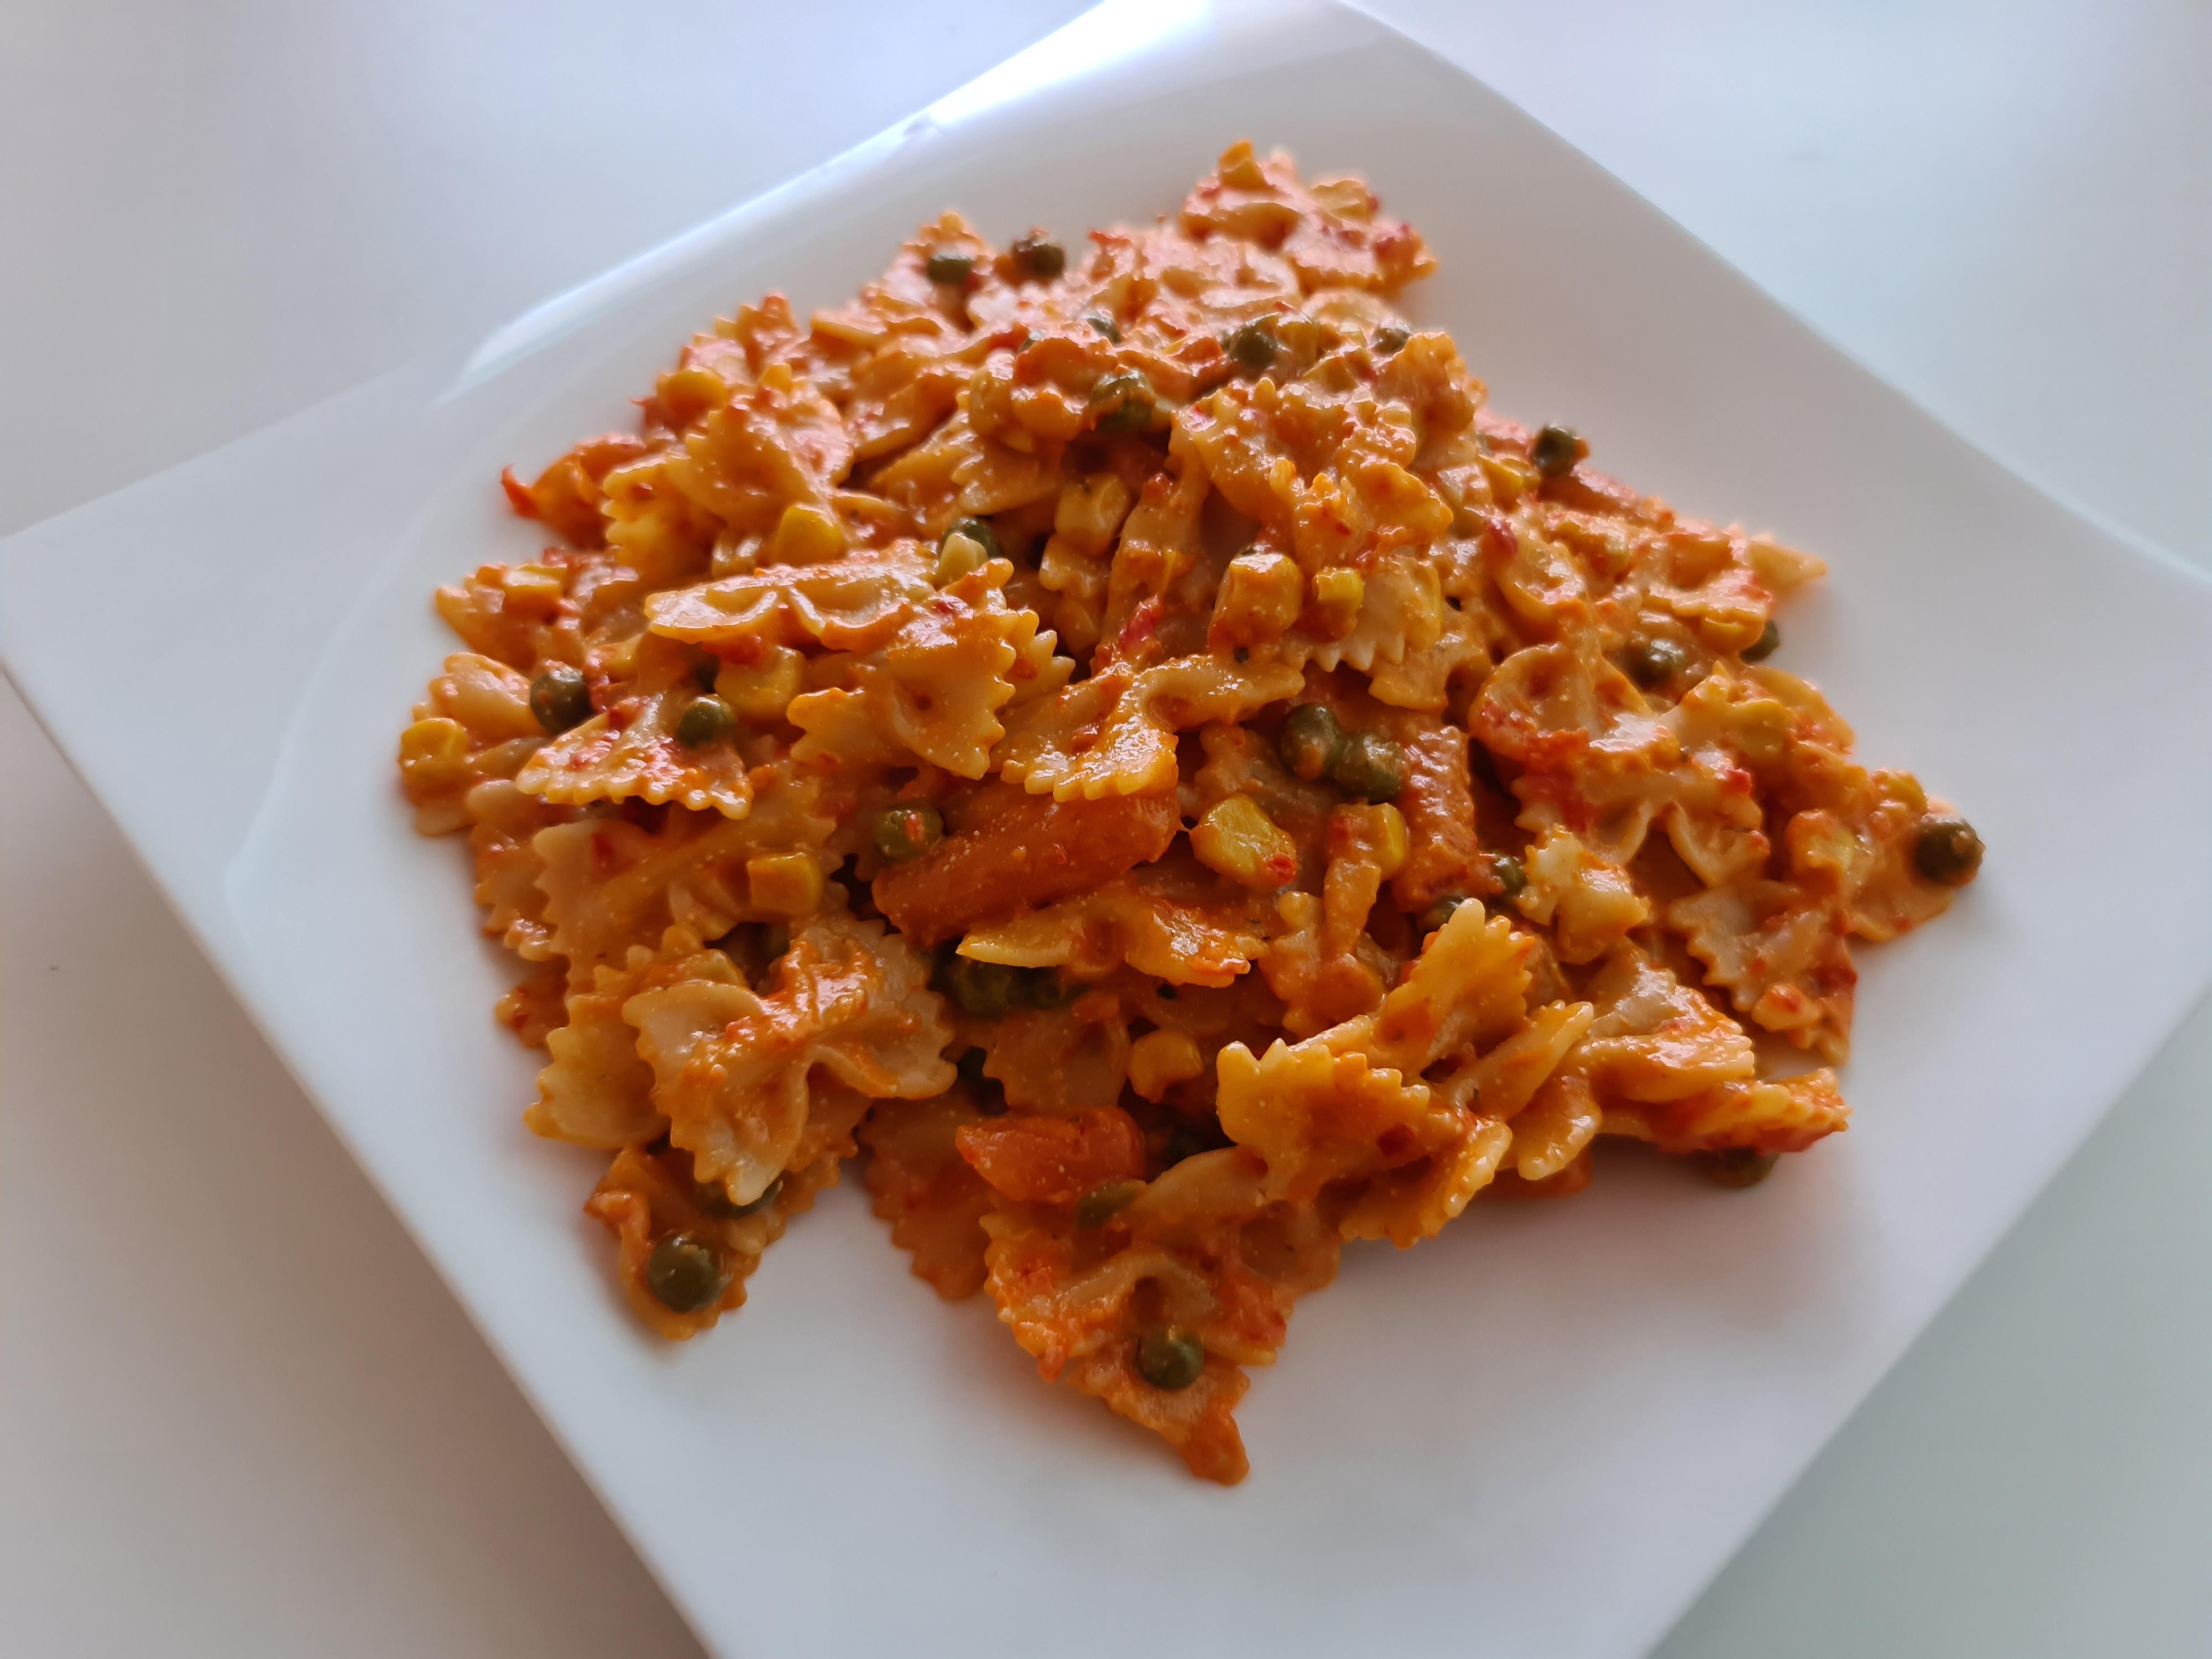 https://foodloader.net/Holz_2020-04-11_Farfalle_alla_Calabrese_con_le_Verdure.jpg